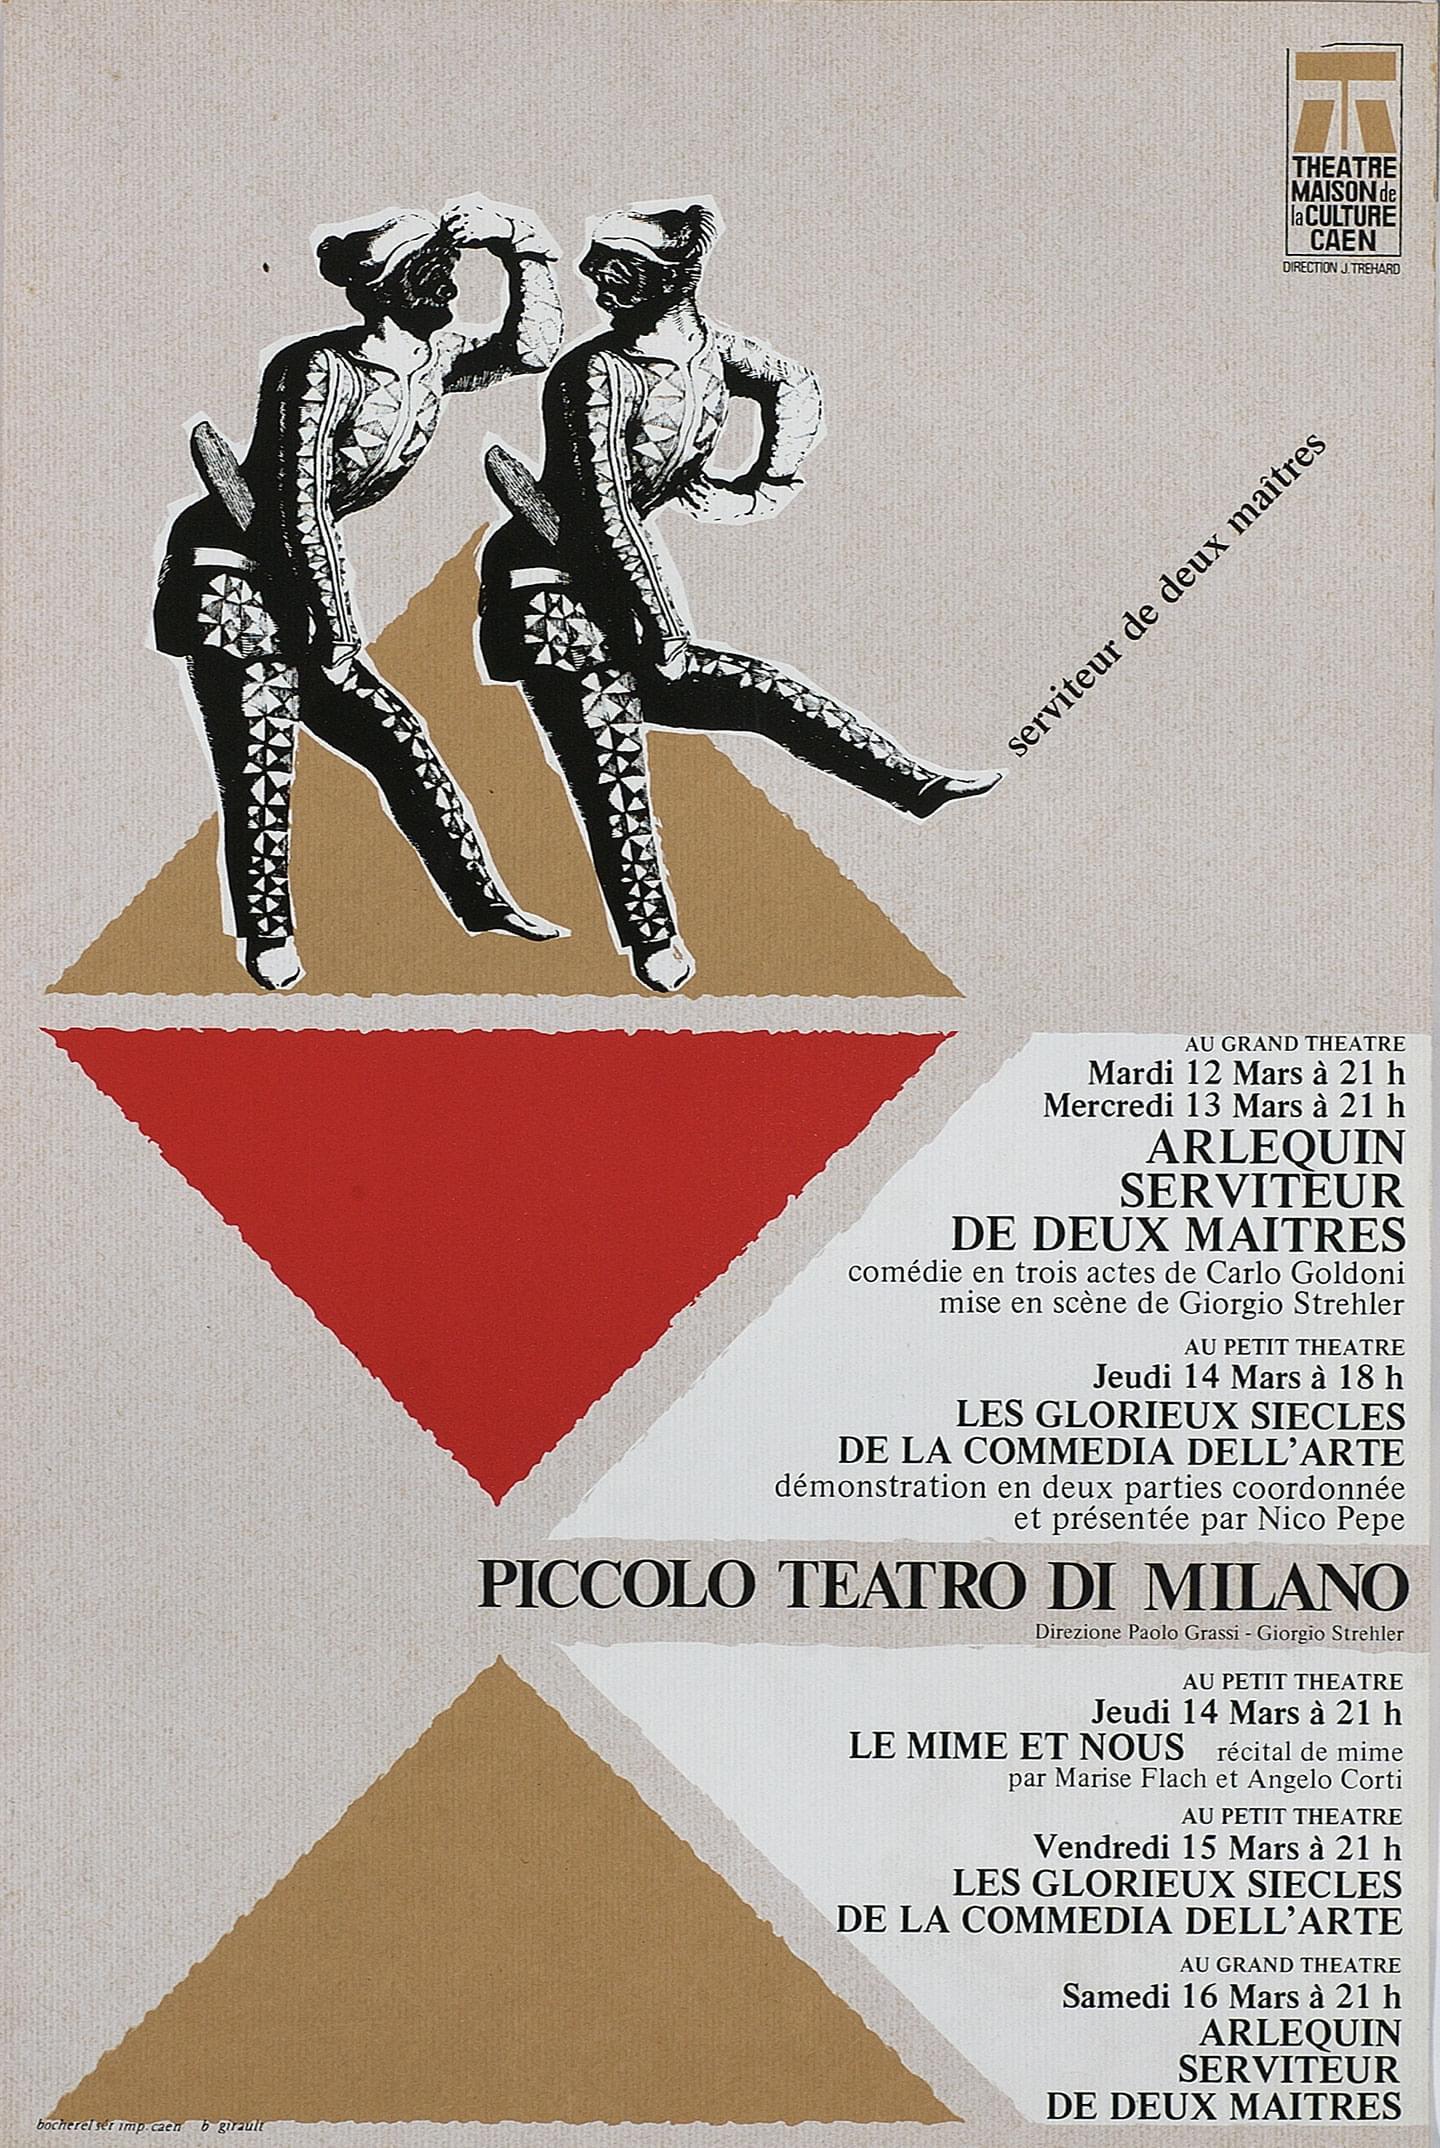 Caen, 12 marzo 1968 - Archivio Piccolo Teatro di Milano